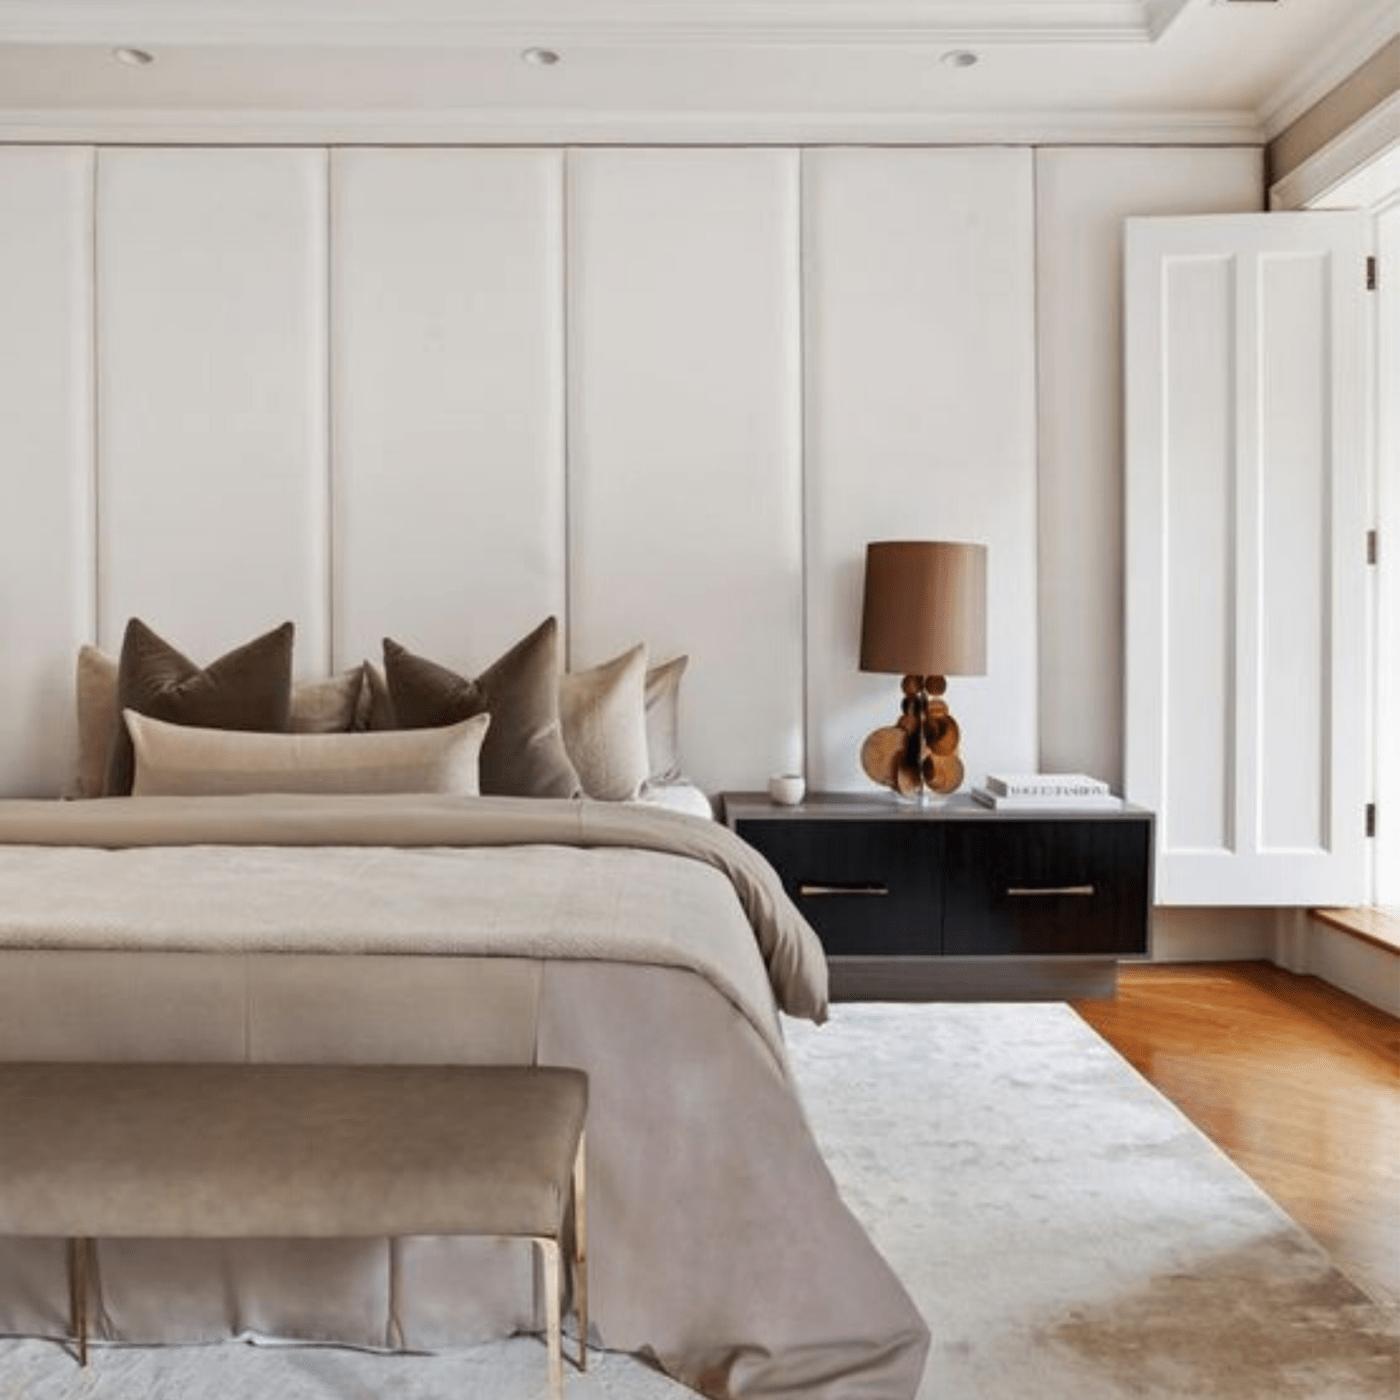 Bedroom Decor-Minimalist